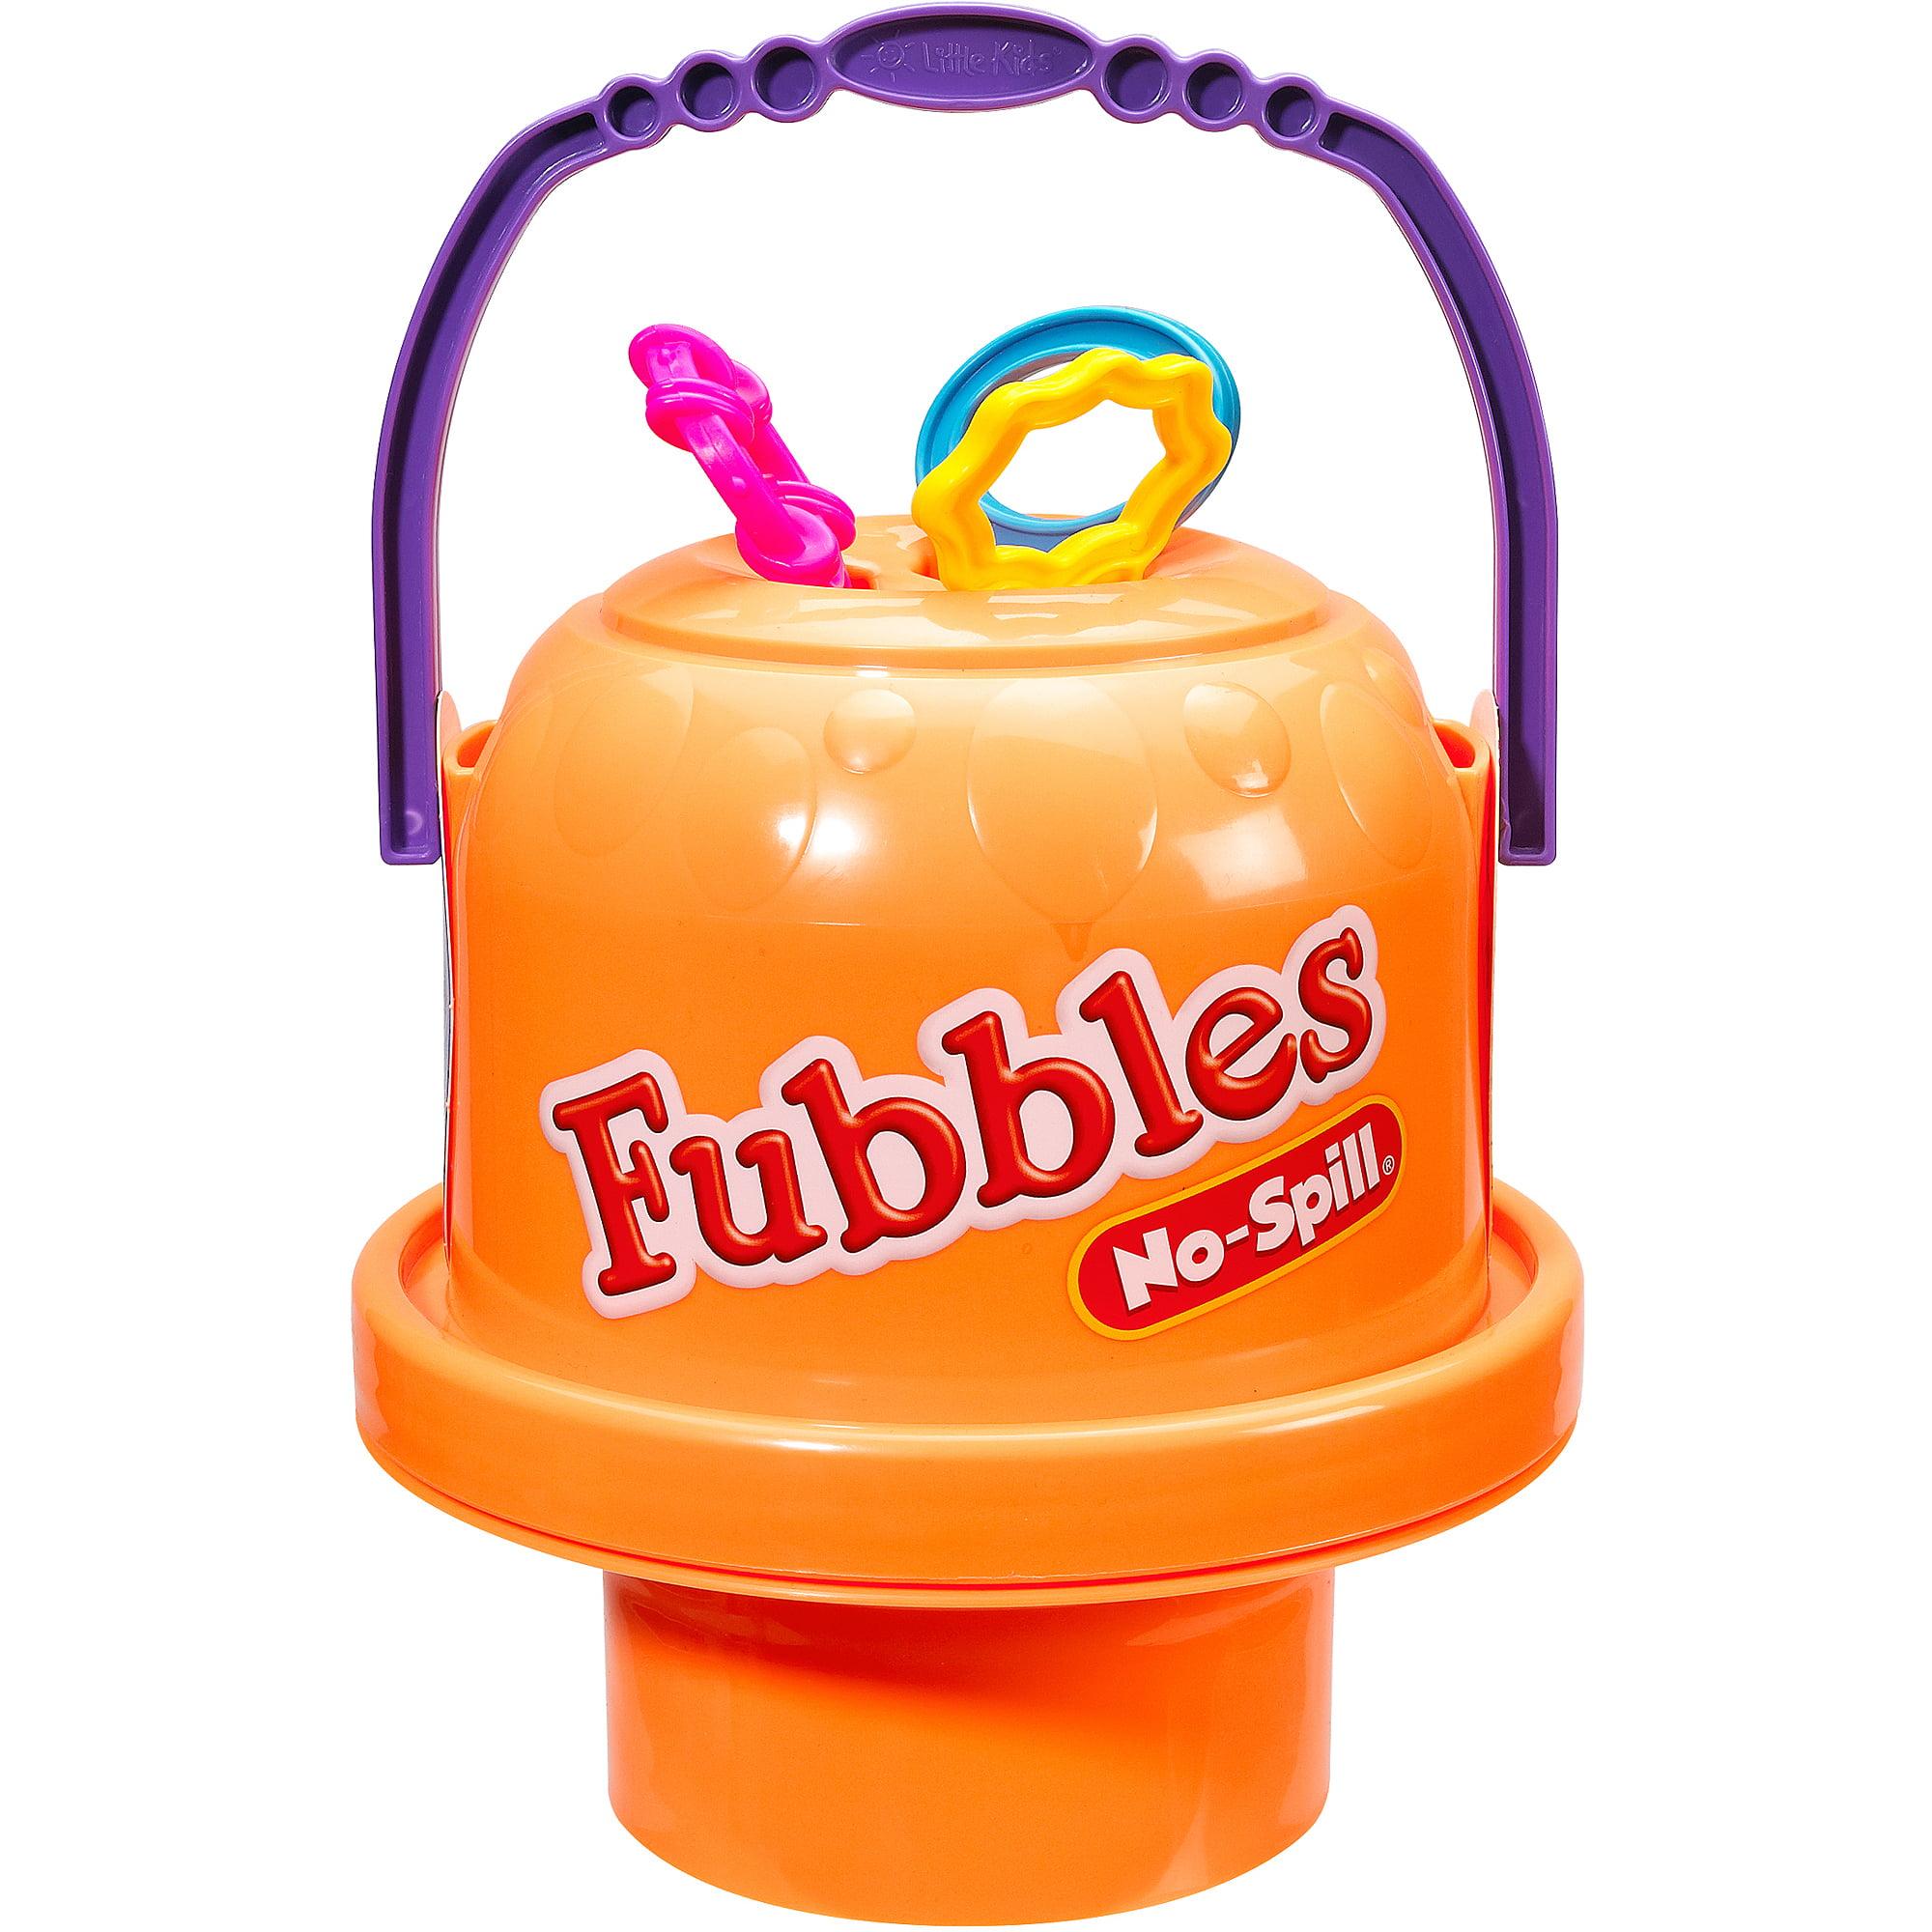 Little Kids Fubbles No-Spill Big Bubble Bucket, Orange